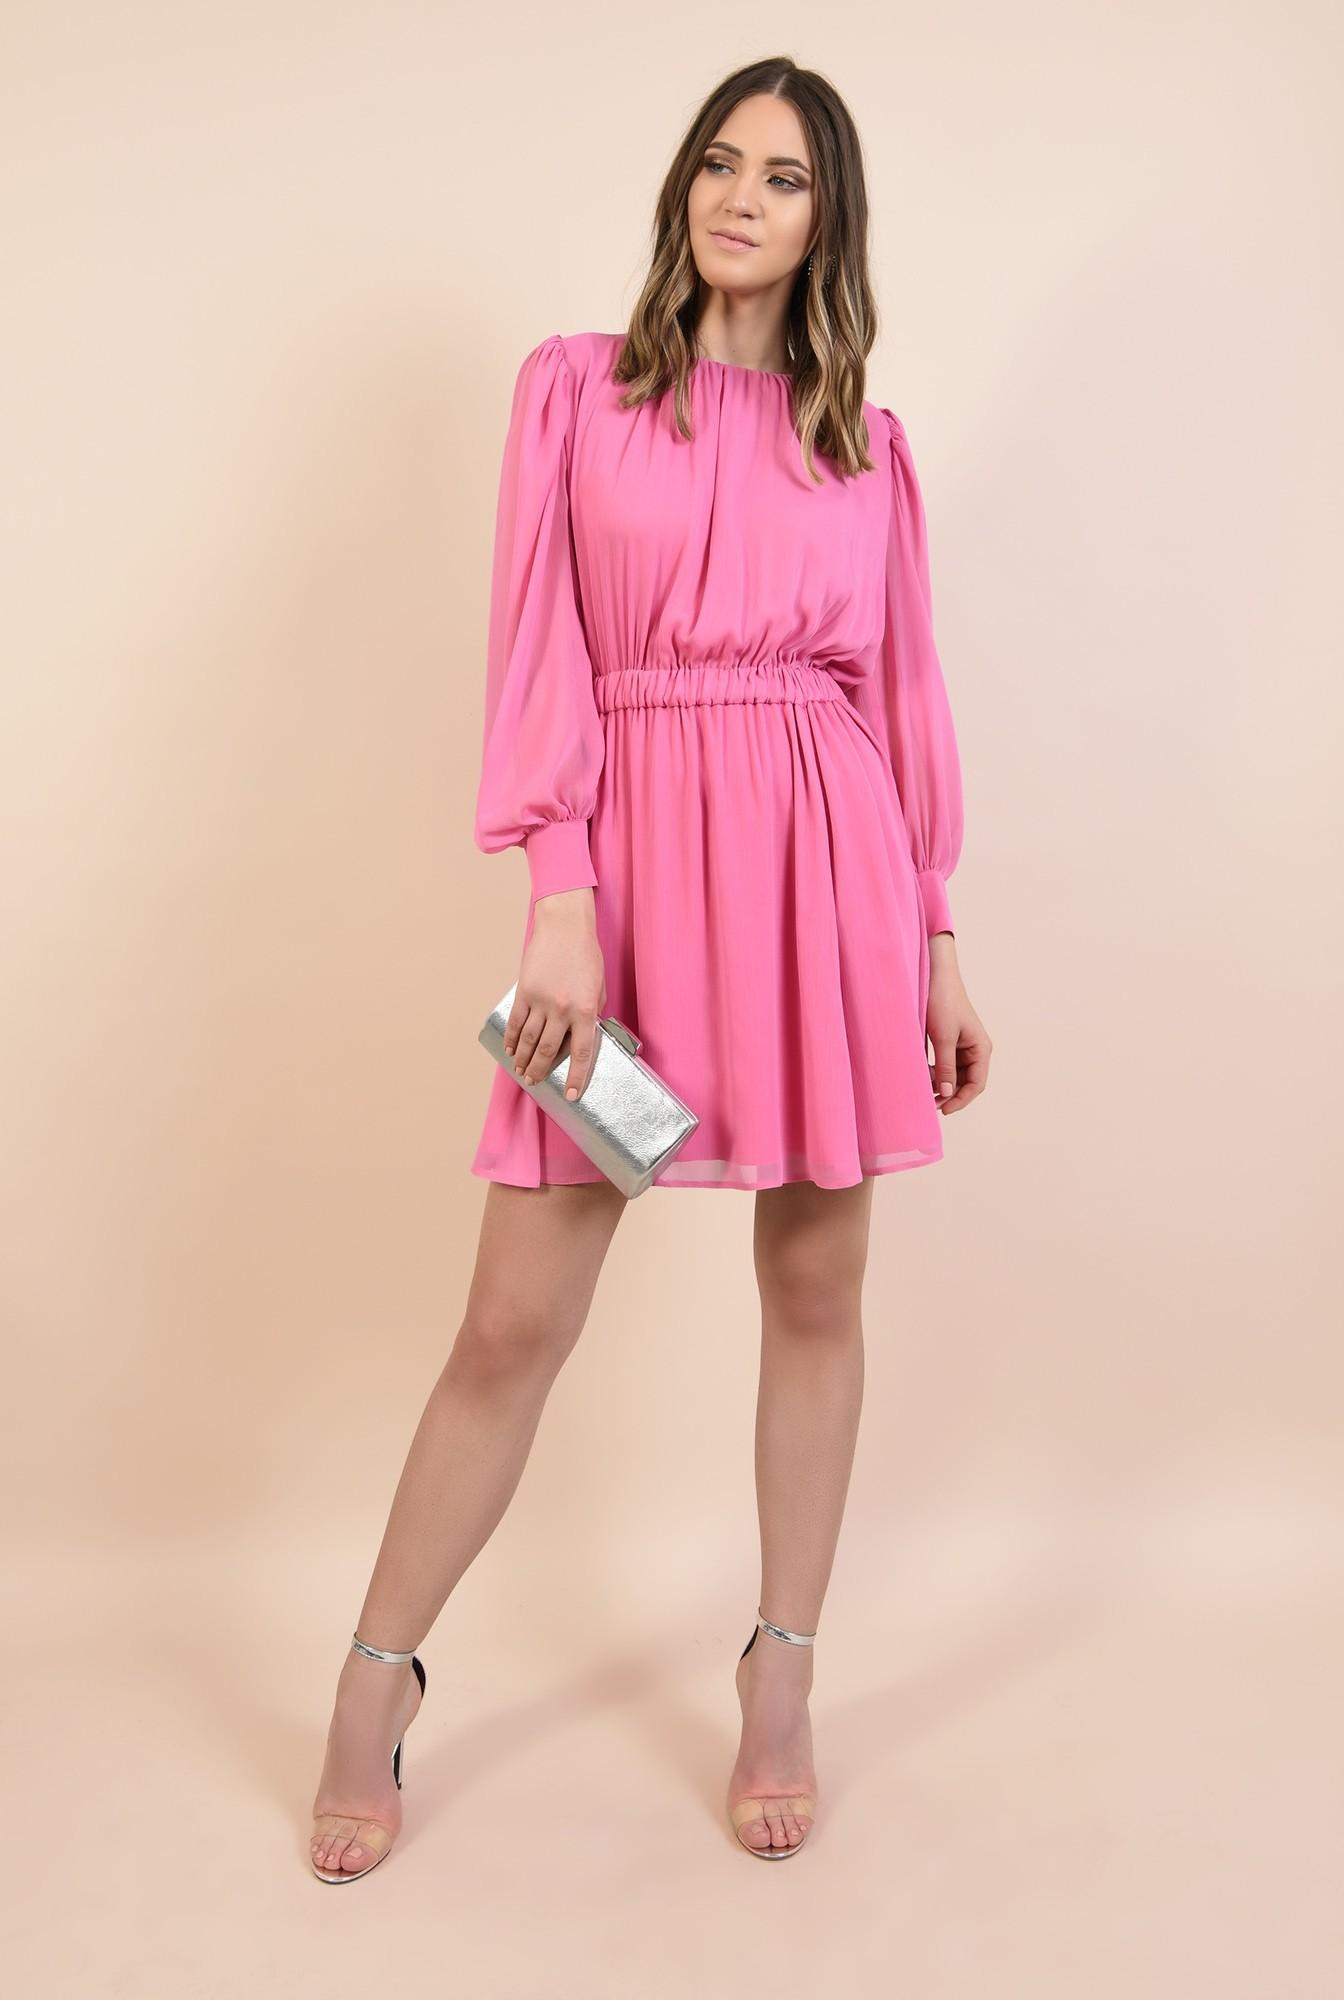 3 - rochie de seara, din voal roz, nasturi bijuterie, decolteu fronsat la baza gatului